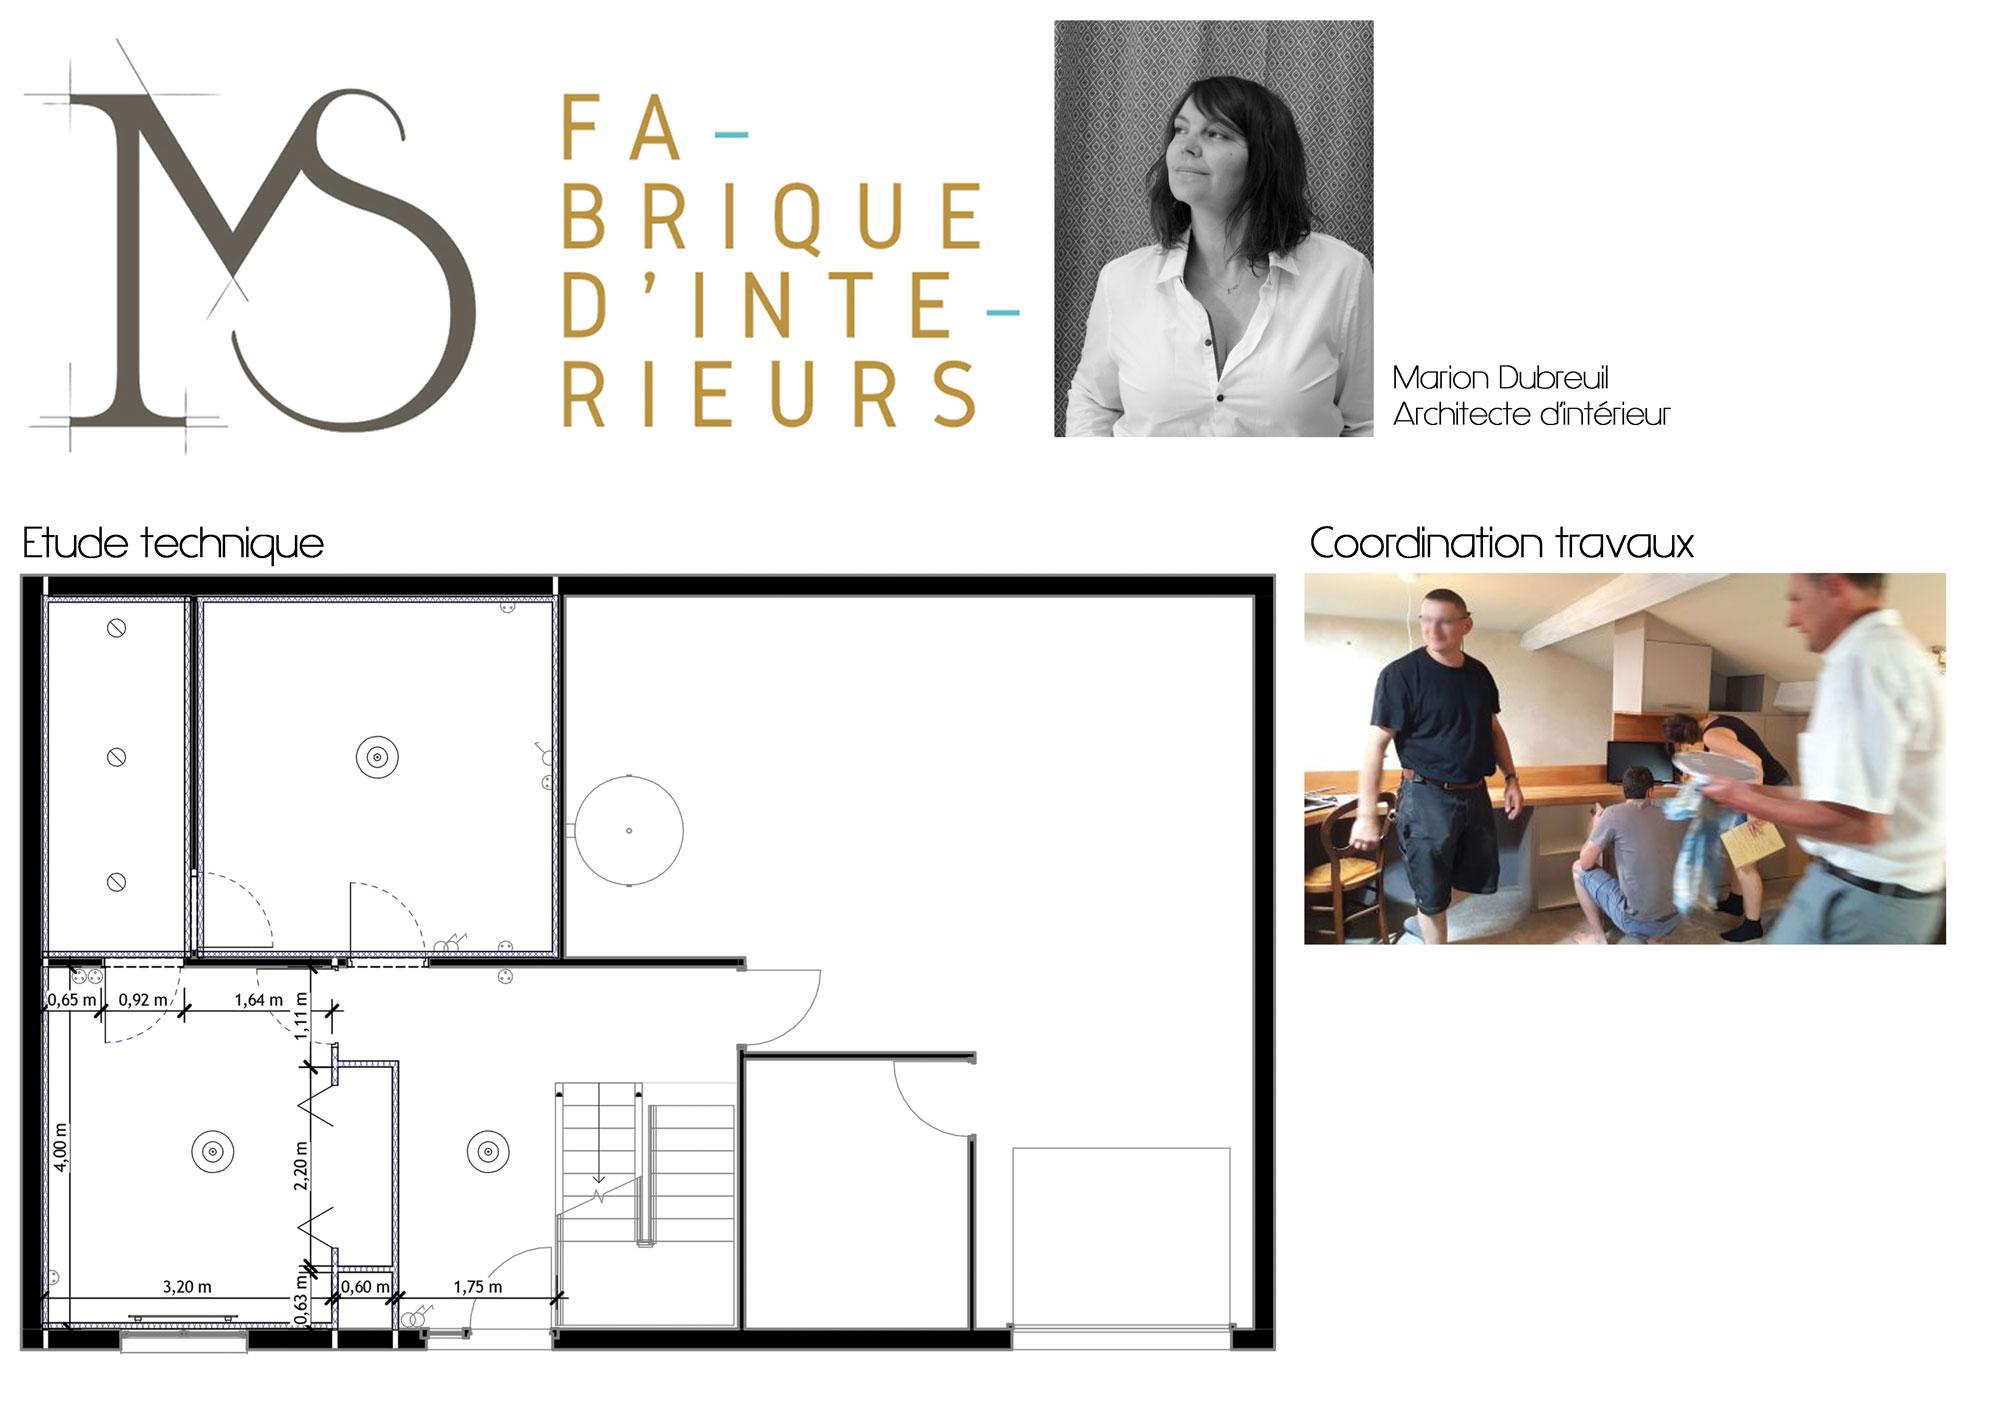 MS fabrique d'intérieurs architecte intérieur